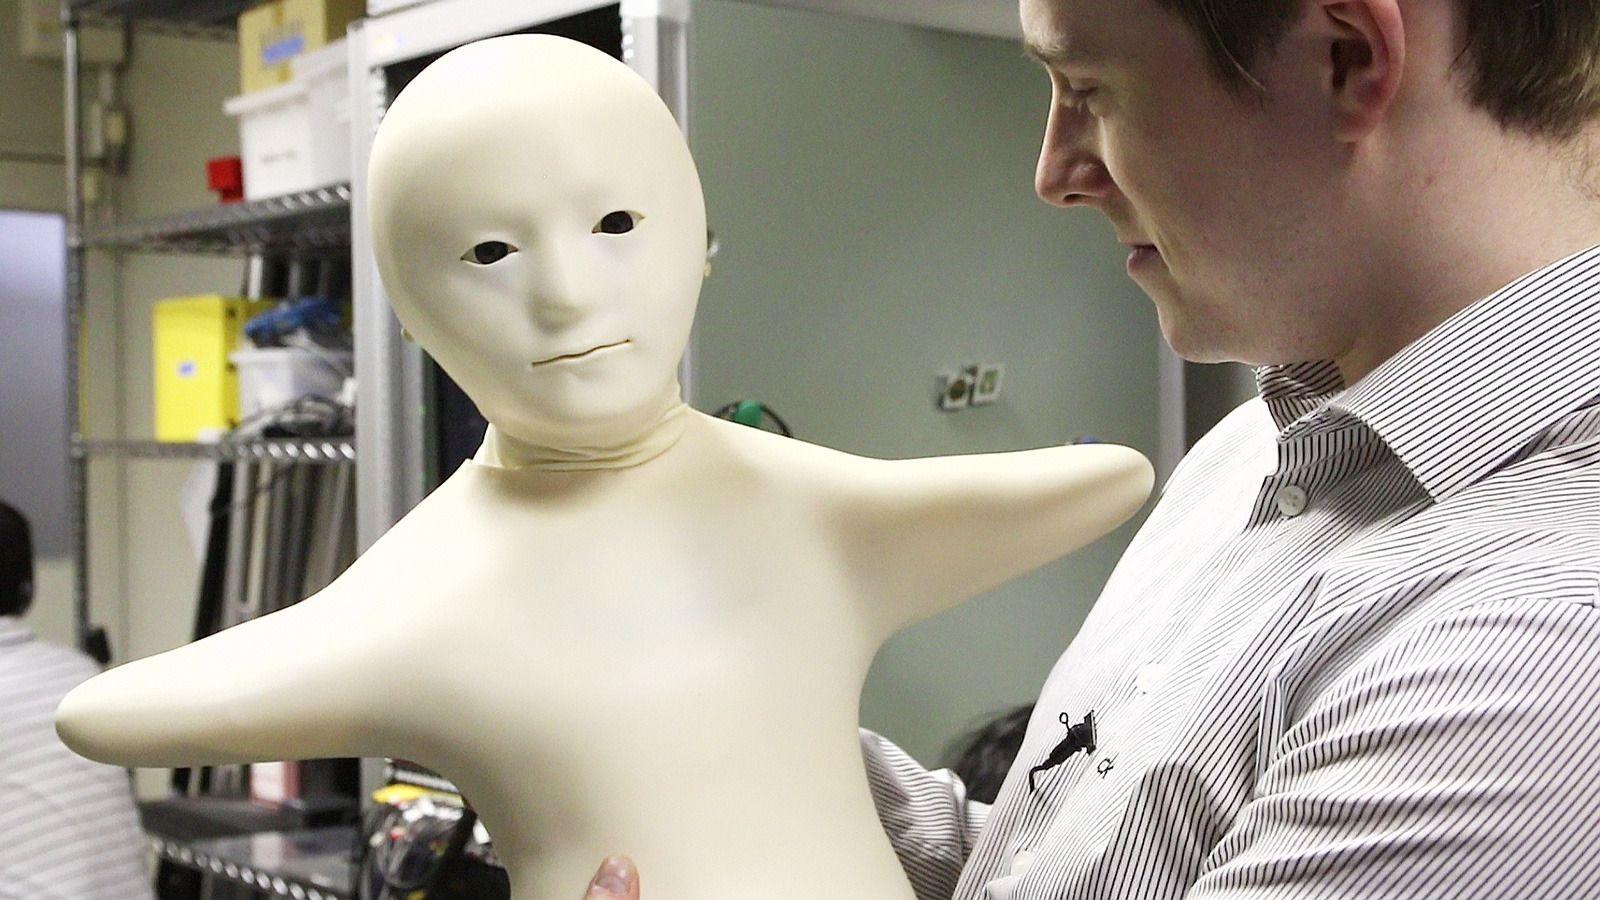 Telenoid er et annet av robotprosjektene som styres fra ATR.Foto: Hardware.no